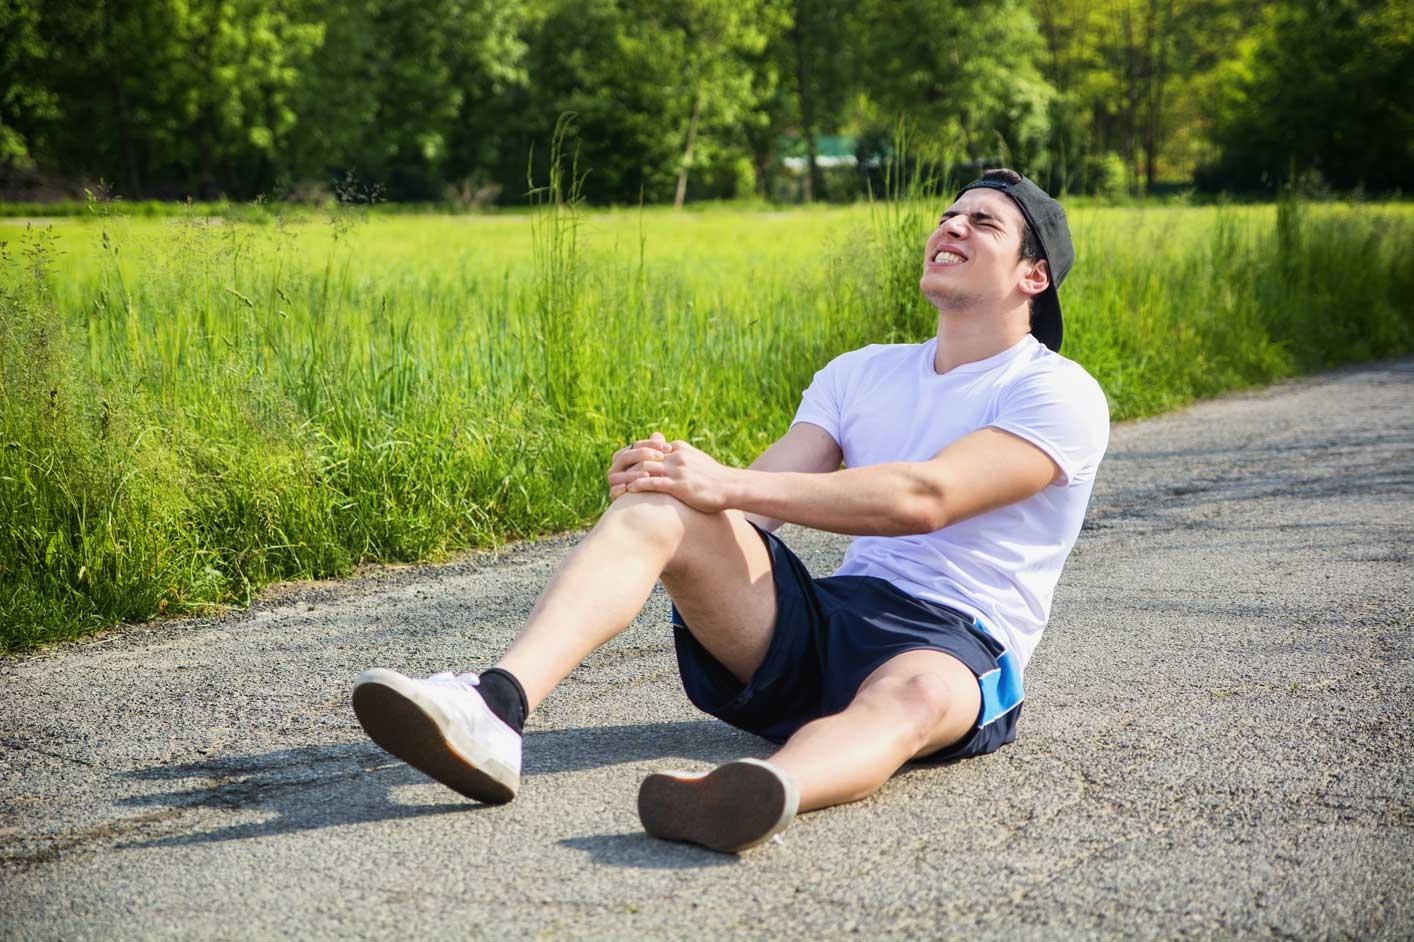 ランニングのトラブルといえば身体の故障だけと思っていませんか?